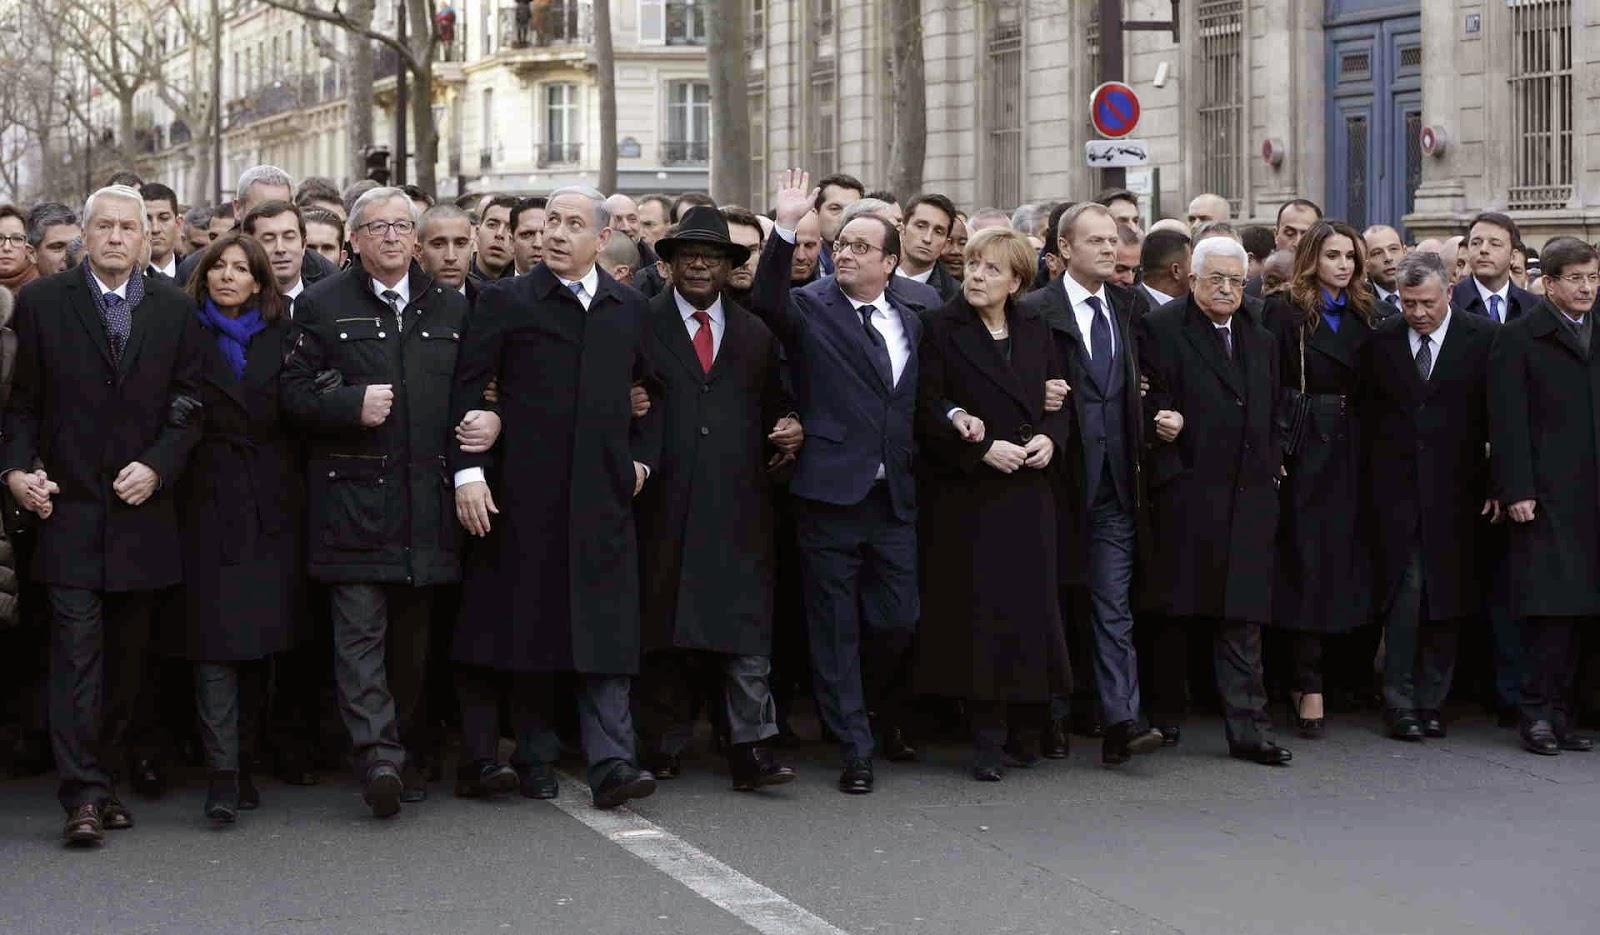 Marcha Masacre Charlie Hebdo dirigentes politicos